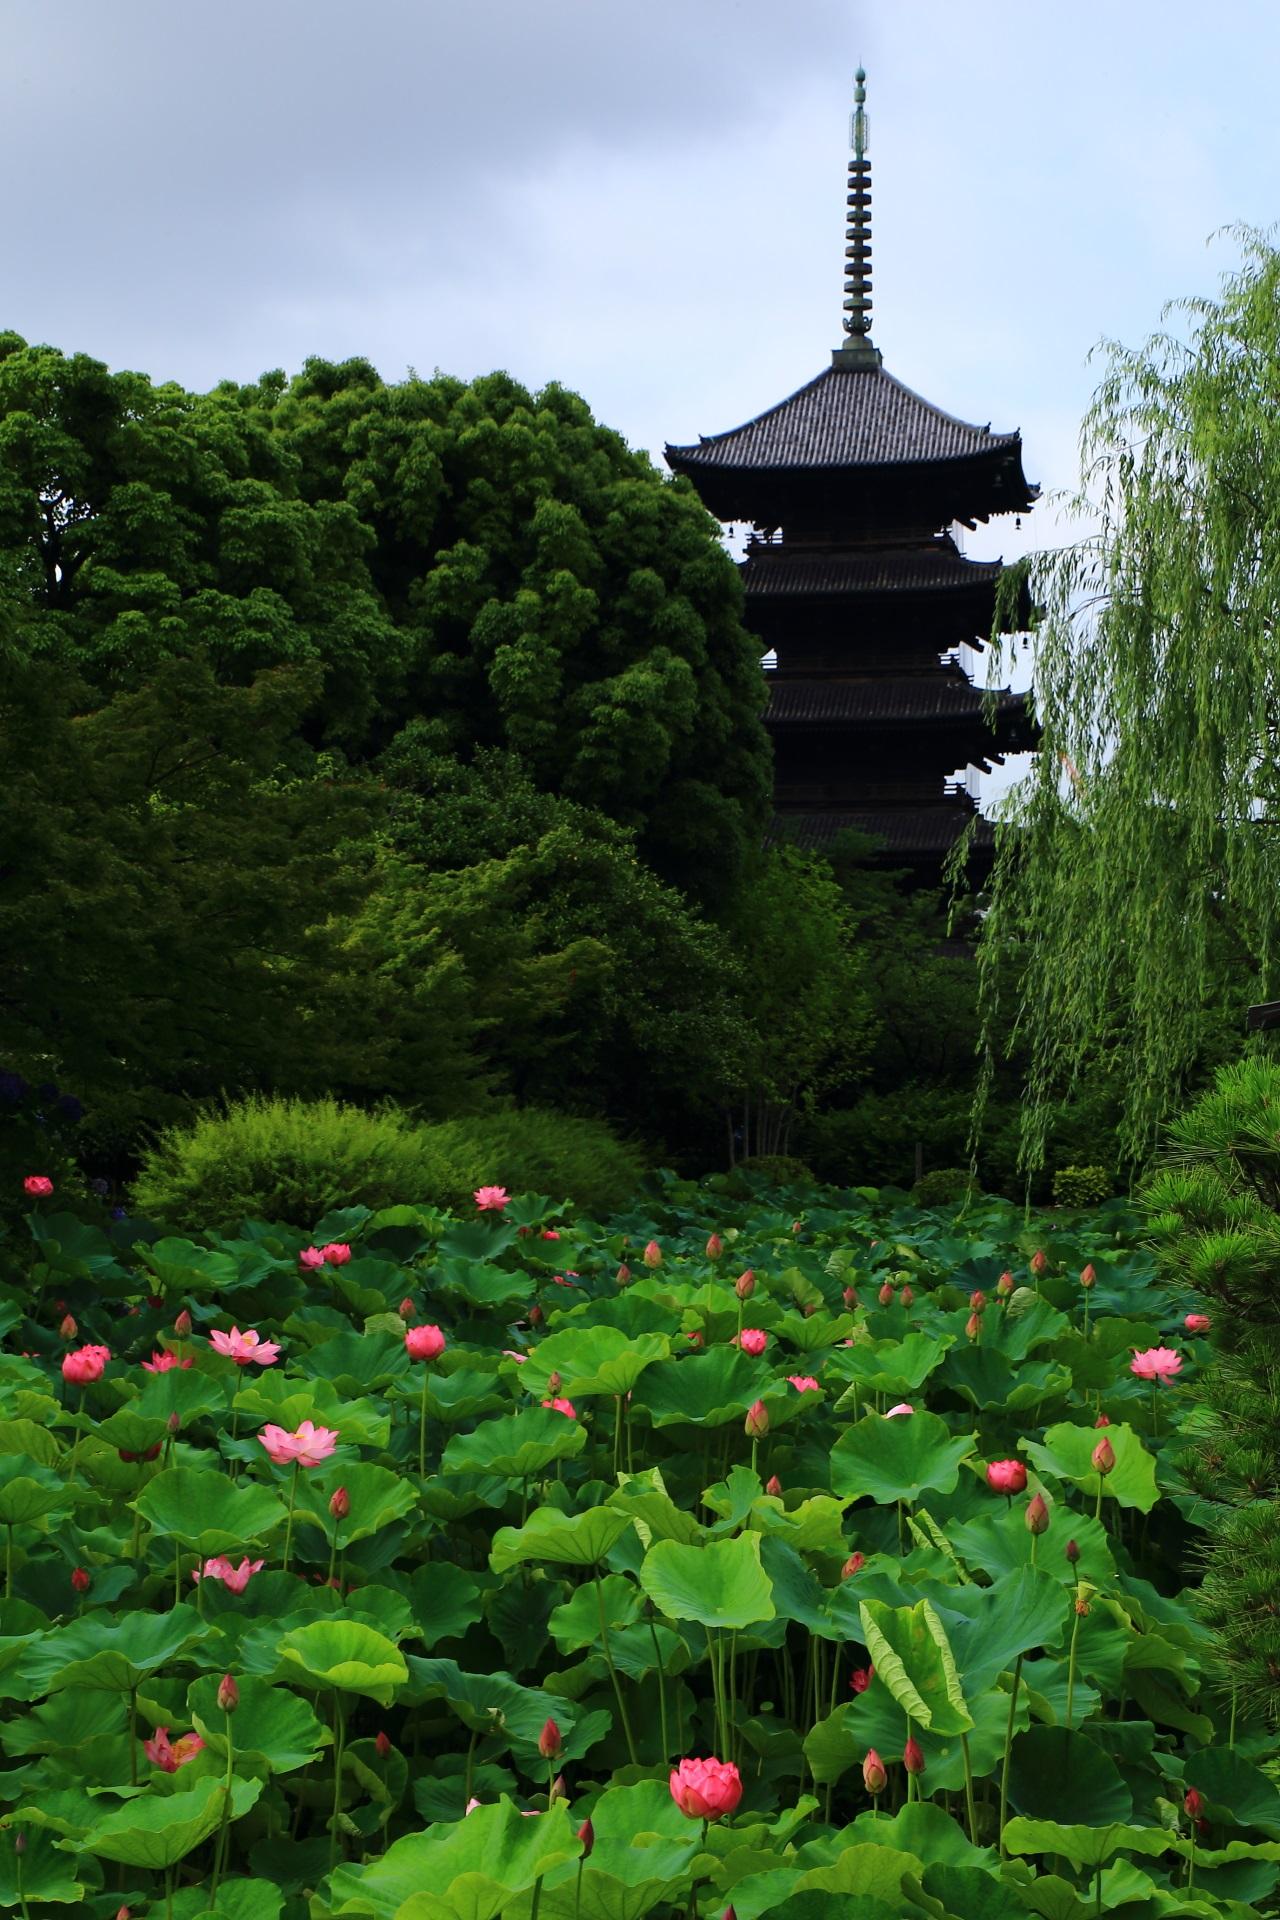 五重塔と蓮の東寺の一番絵になる蓮の景色